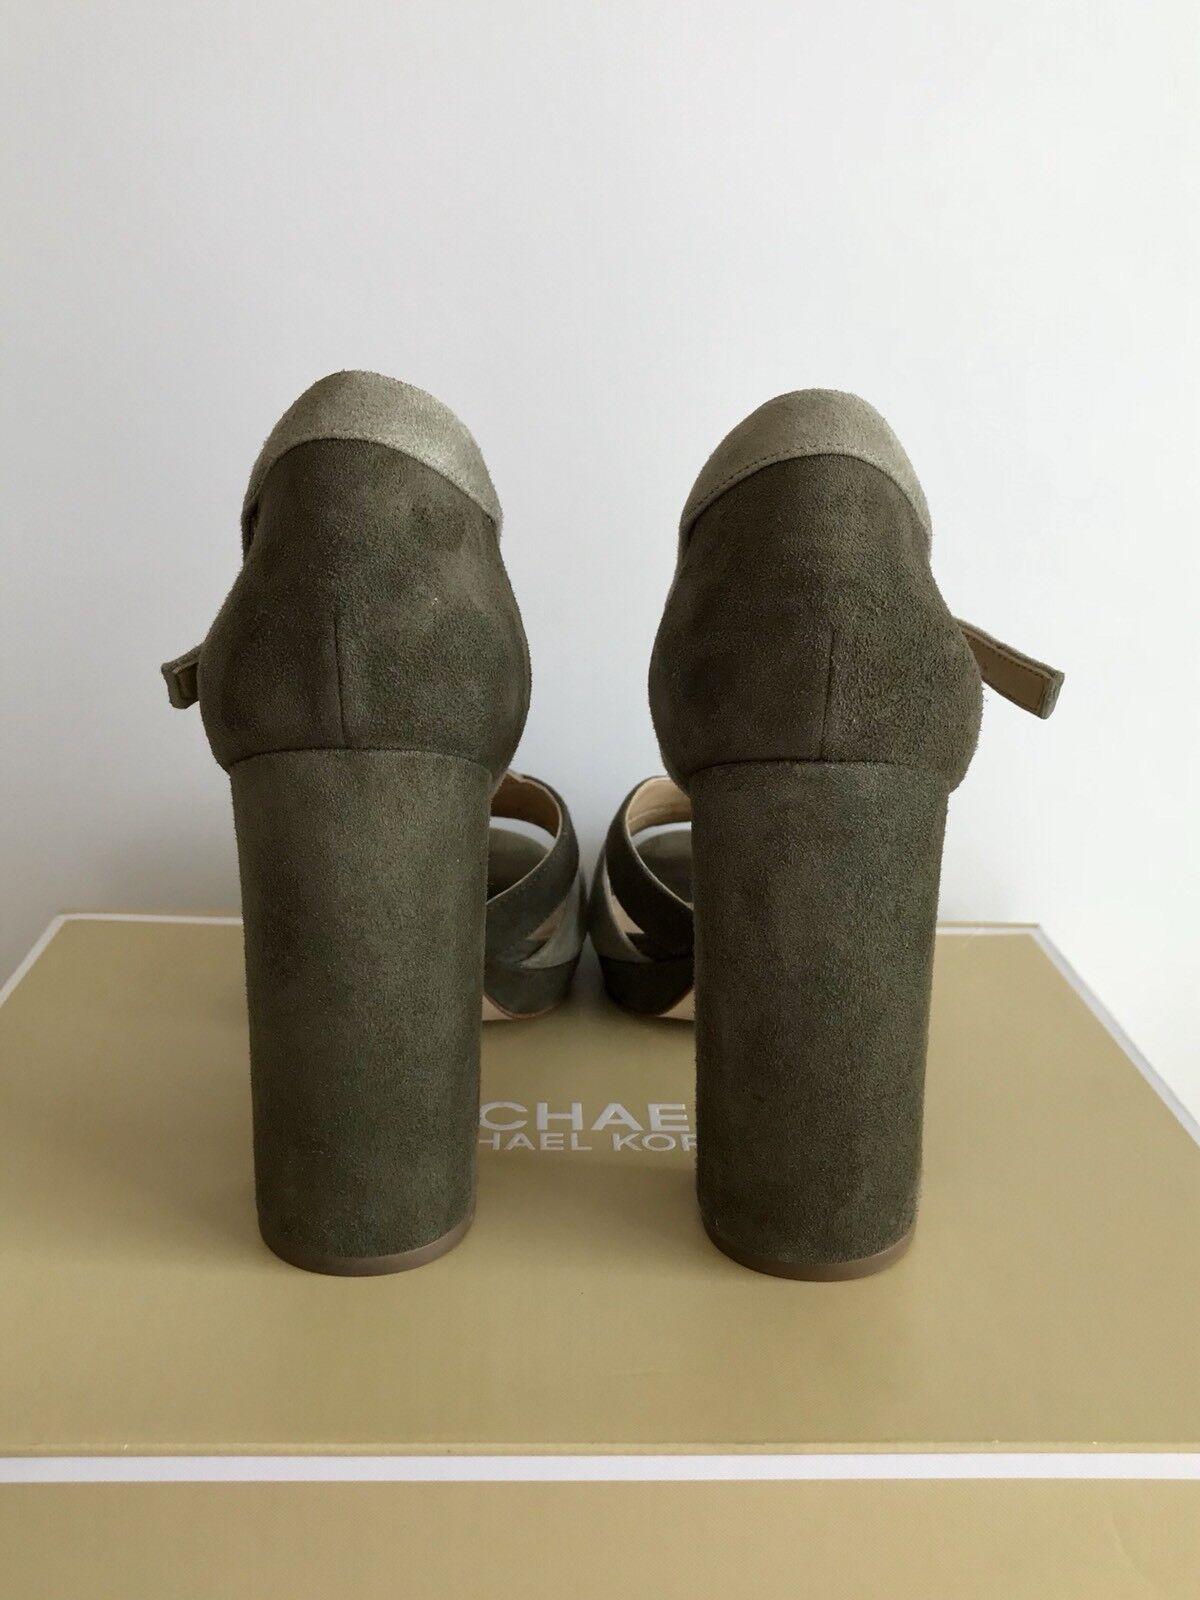 ffae679caf9f Michael Kors Annaliese Platform High Heel Suede Olive Sage Sandal 9 US for  sale online